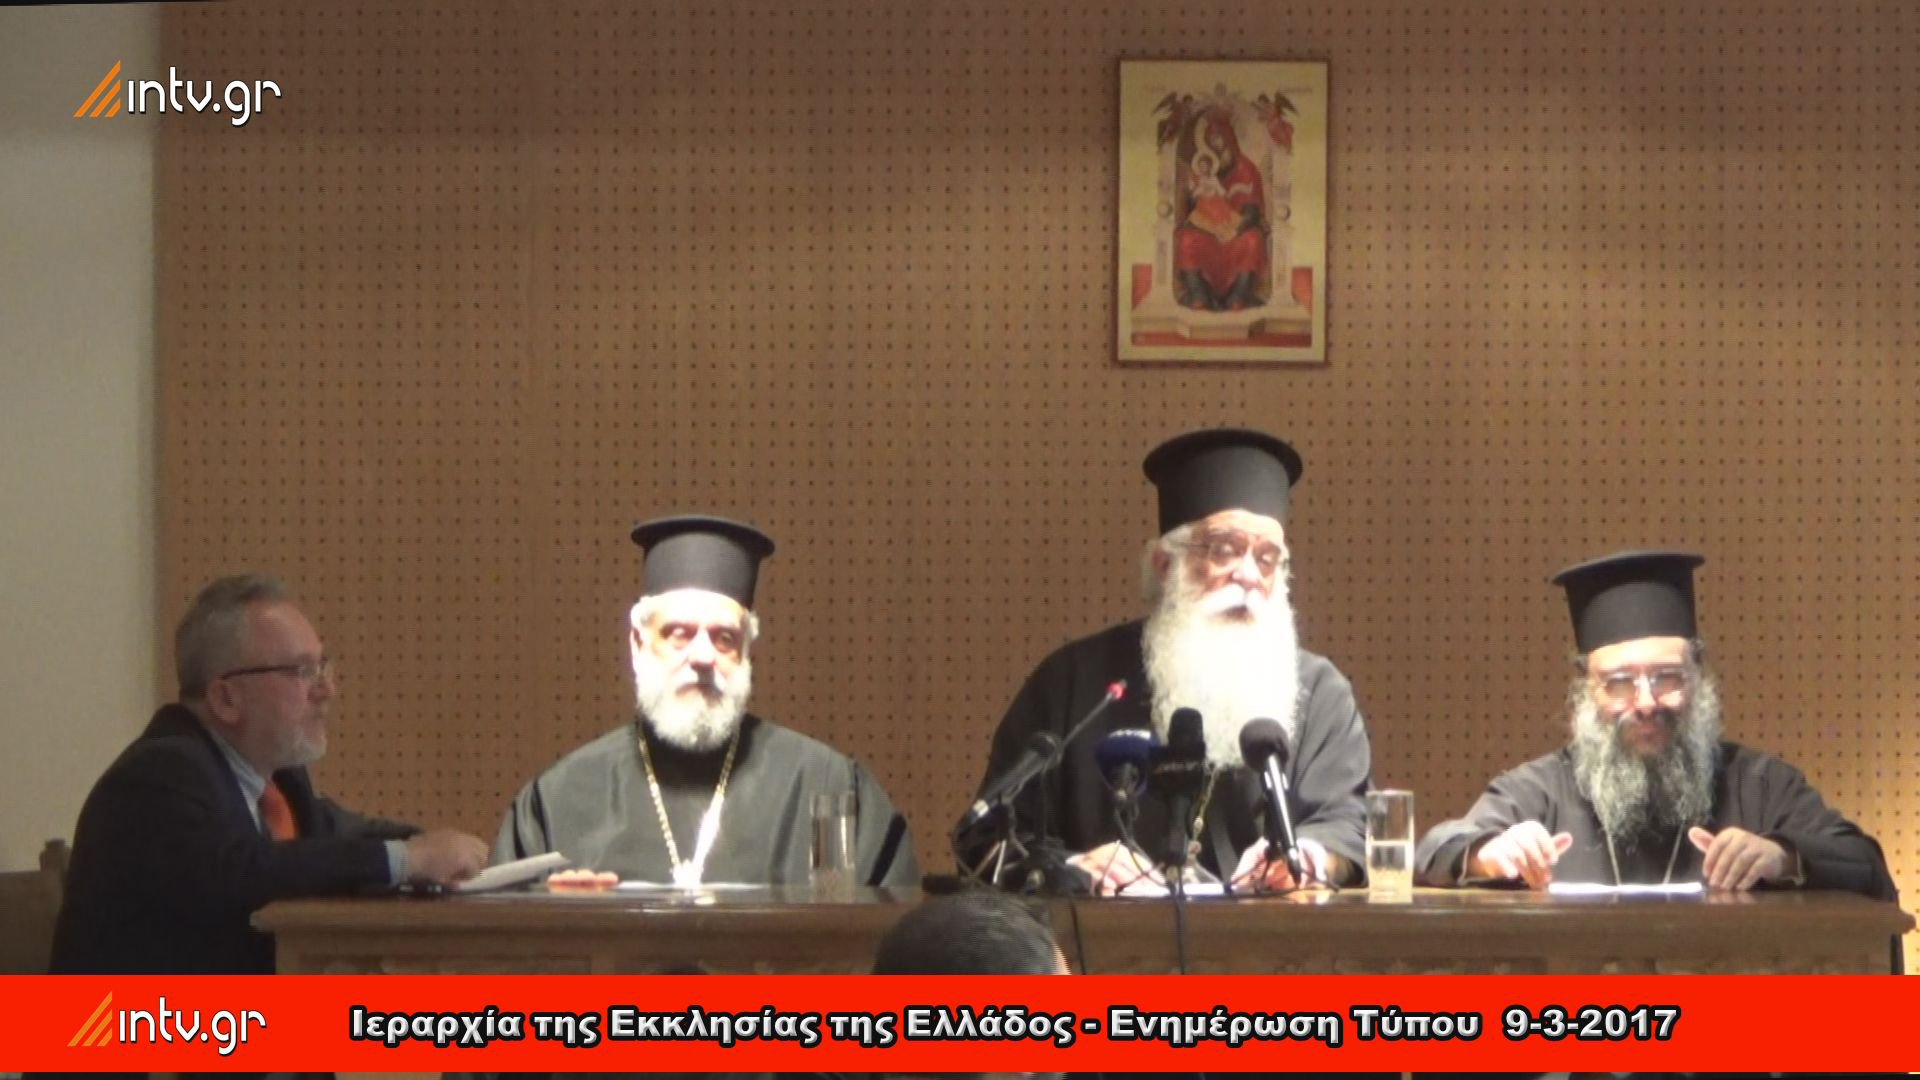 Ιεραρχία της Εκκλησίας της Ελλάδος - Ενημέρωση Τύπου 9-3-2017